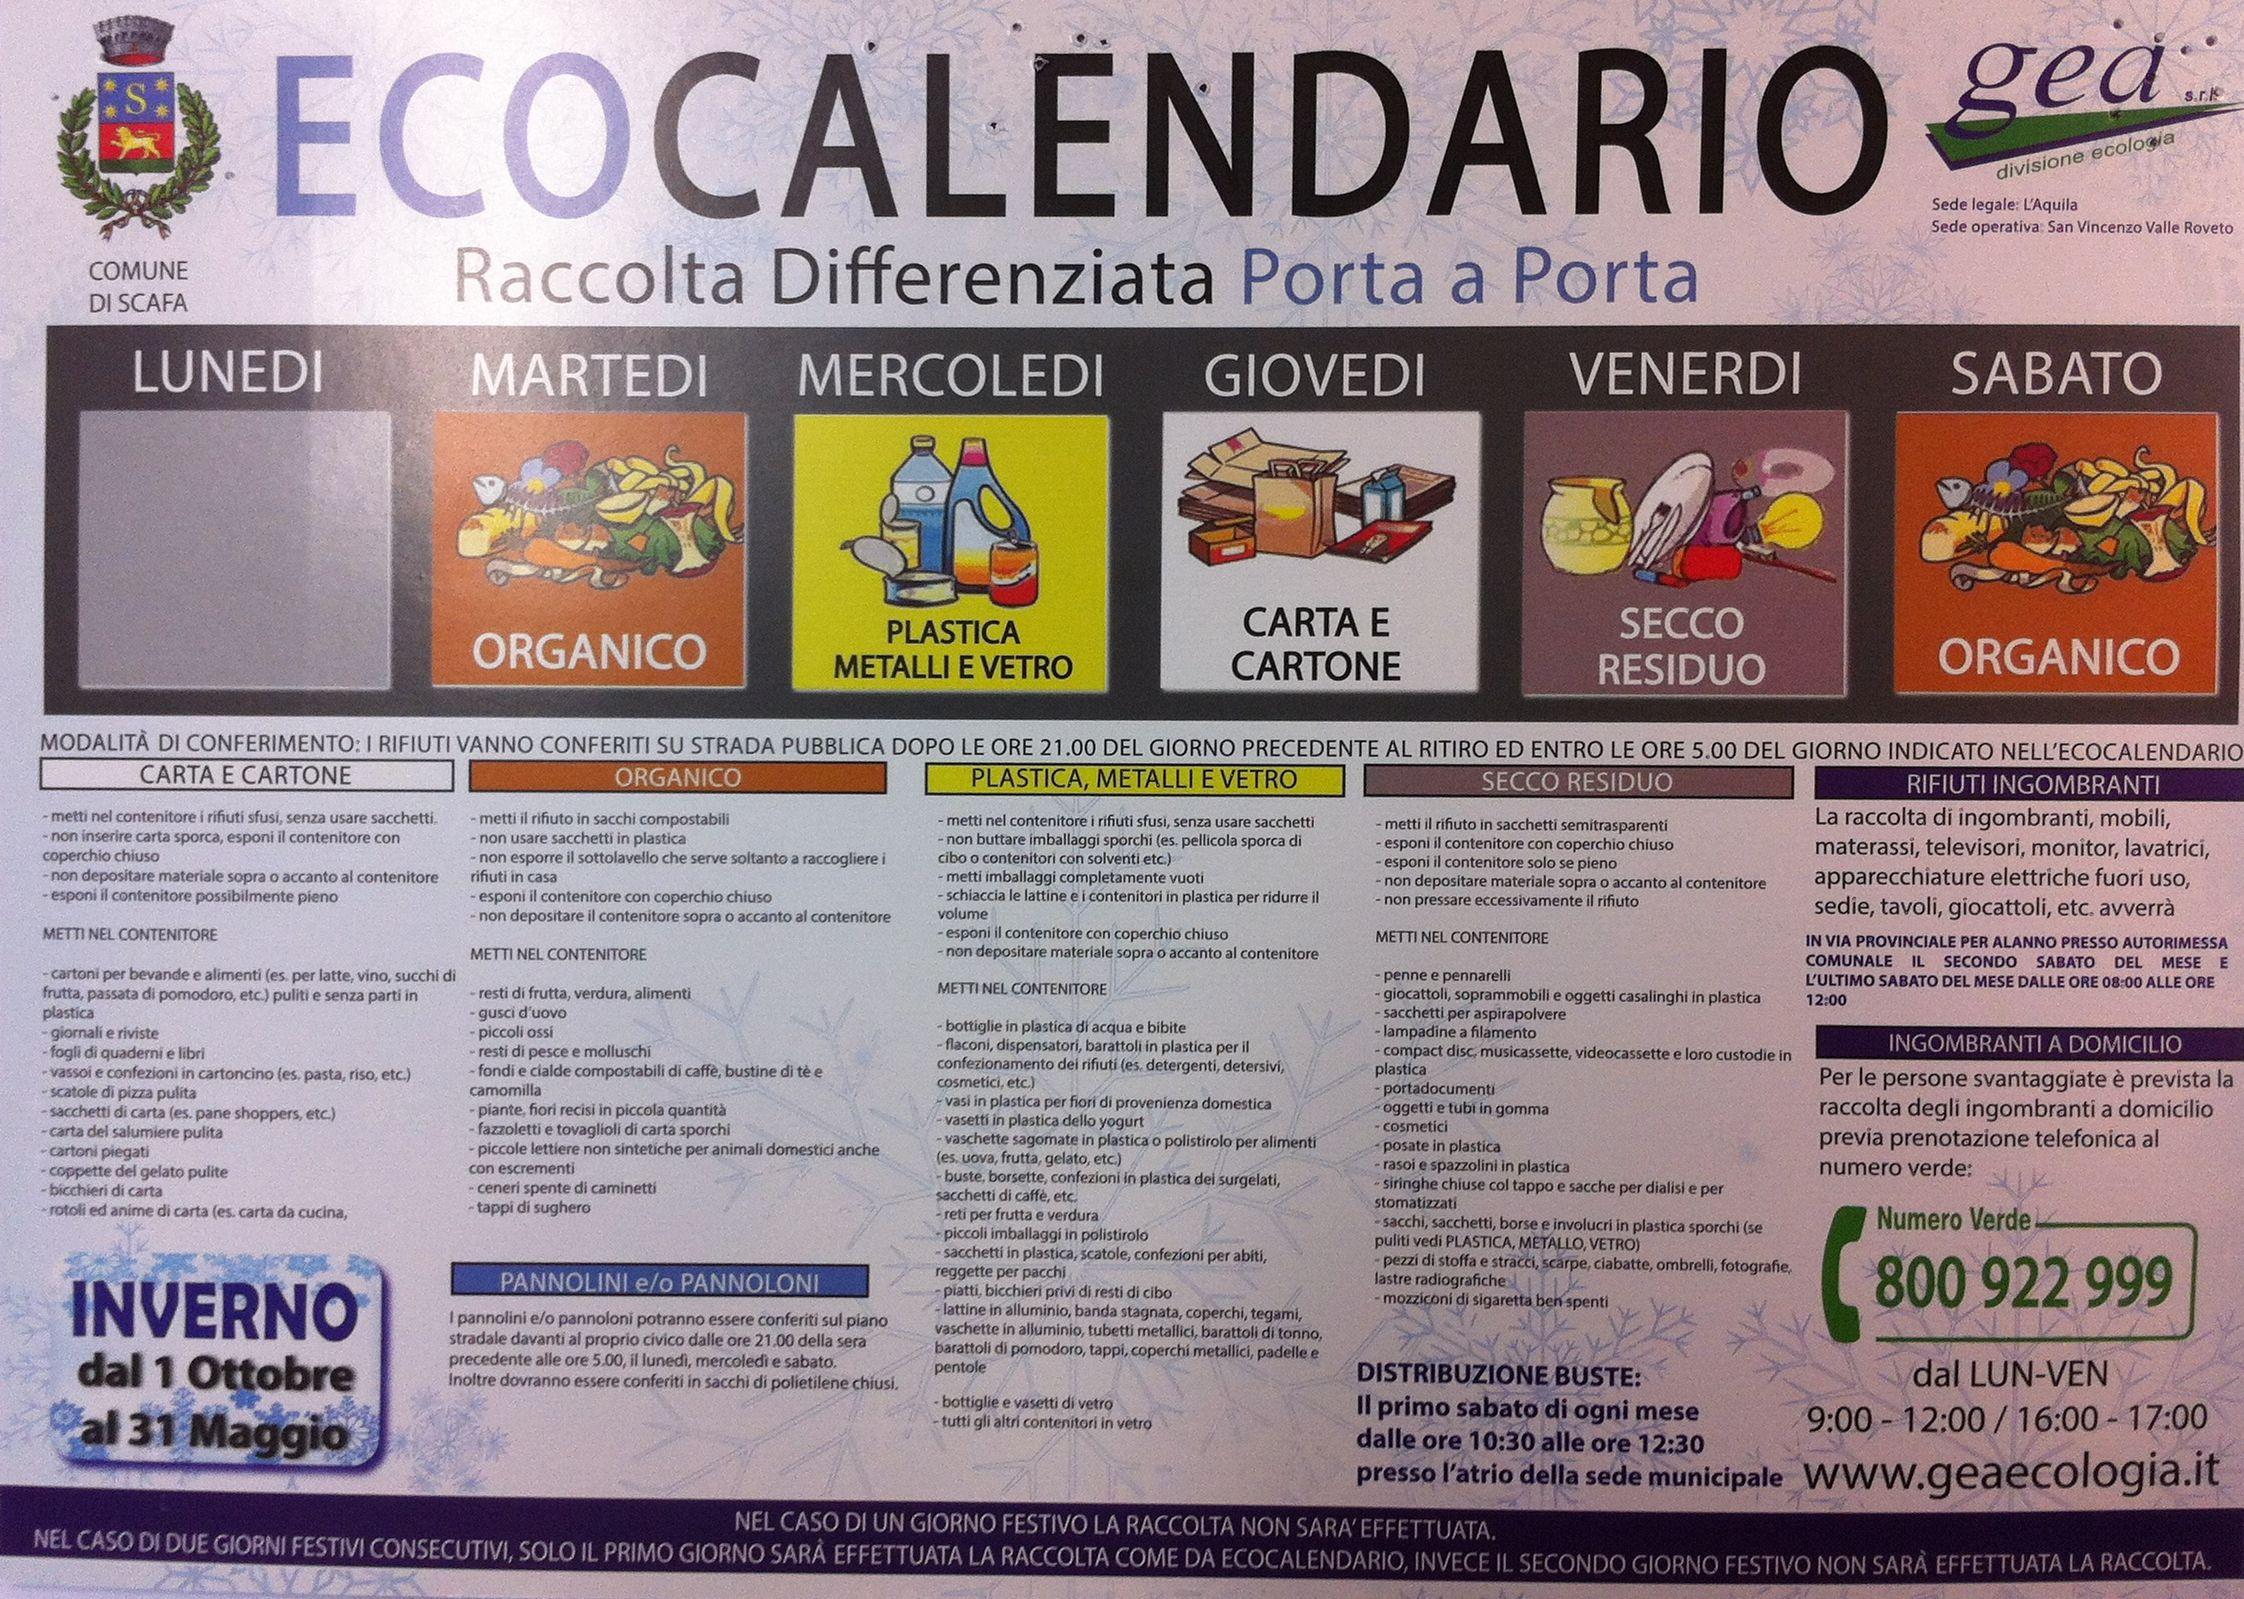 Ecocalendario Raccolta Differenziata dal 01/10/2016 al 31/05/2017